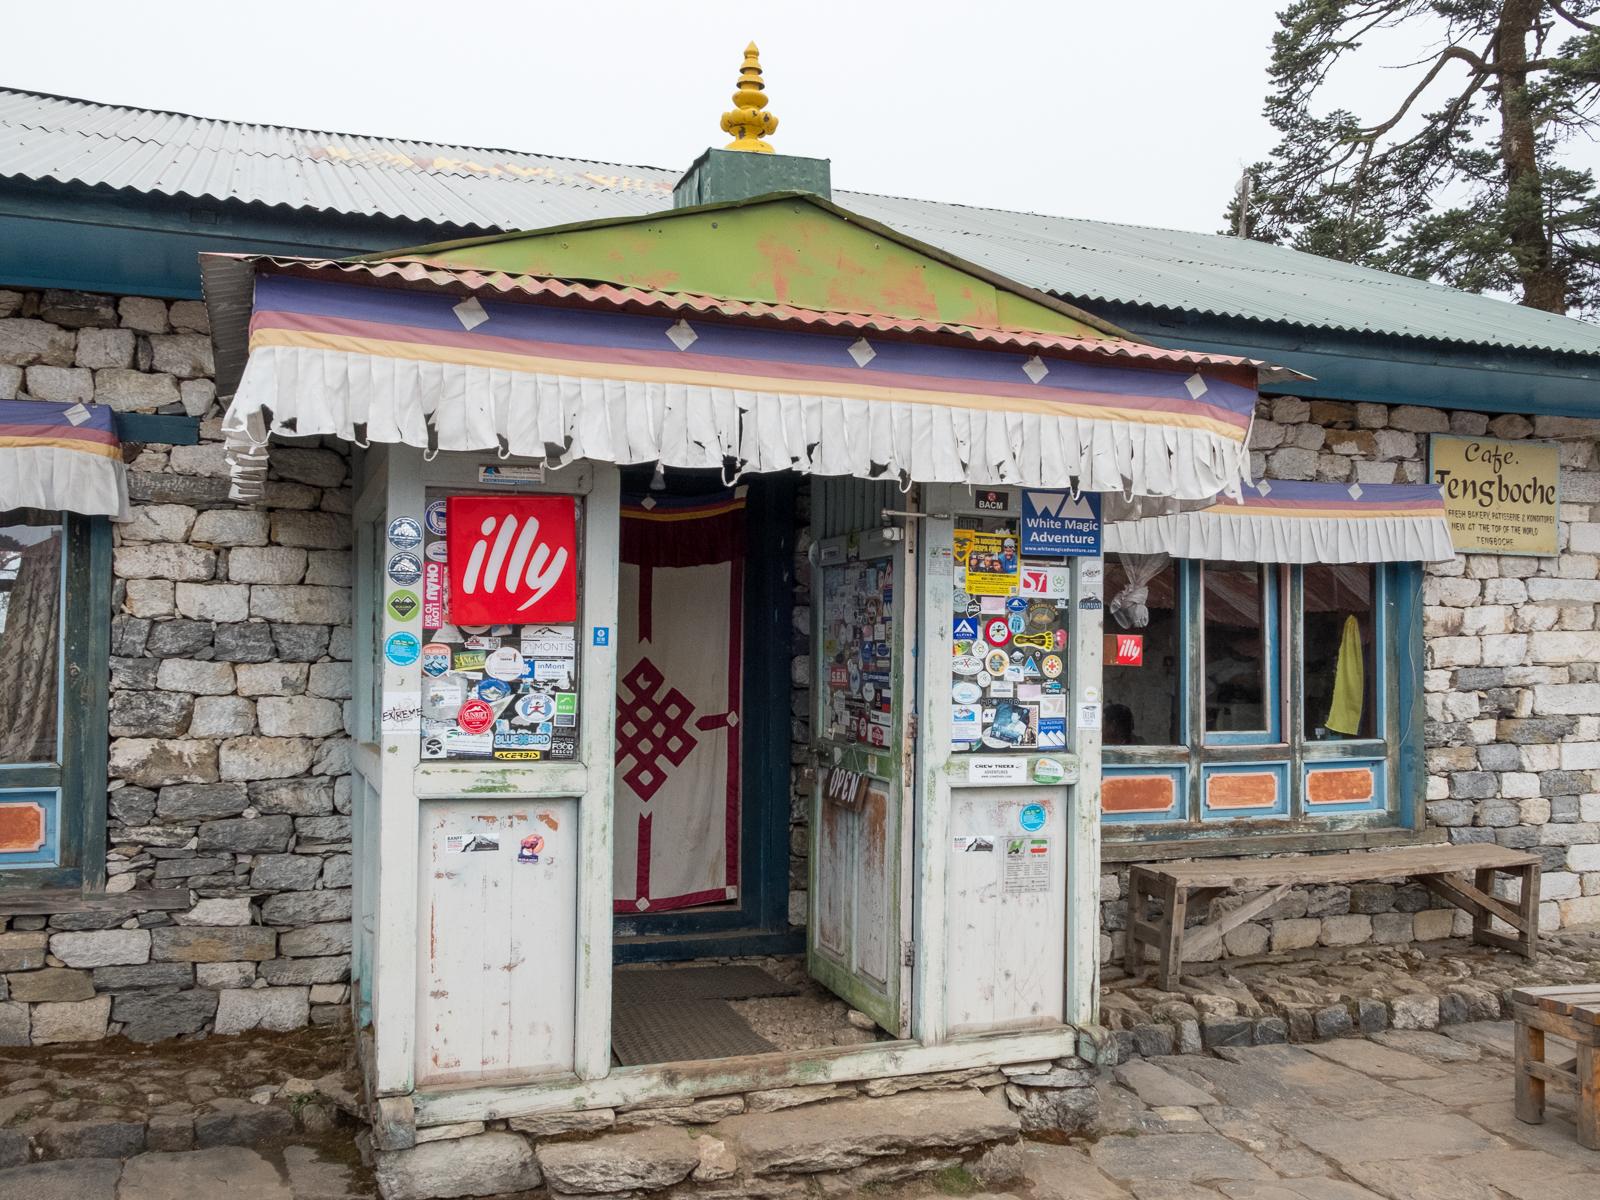 Cafe Tengboche, Tengboche, Nepal.